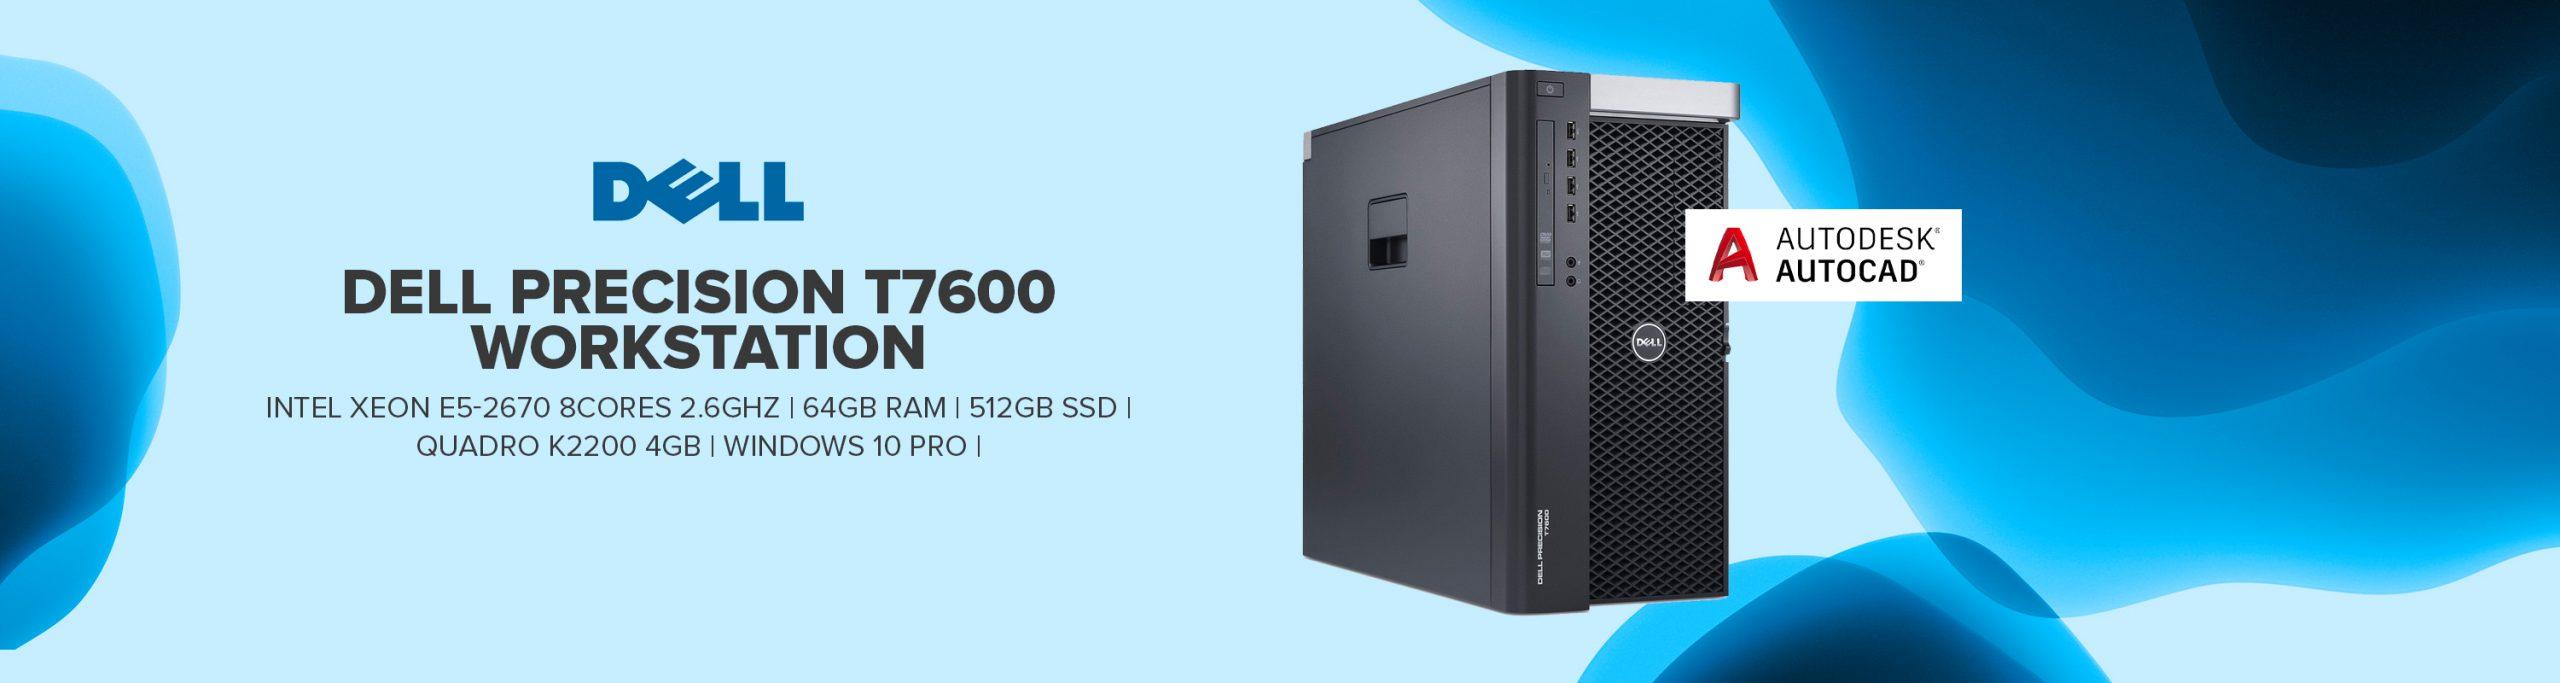 Dell T7600